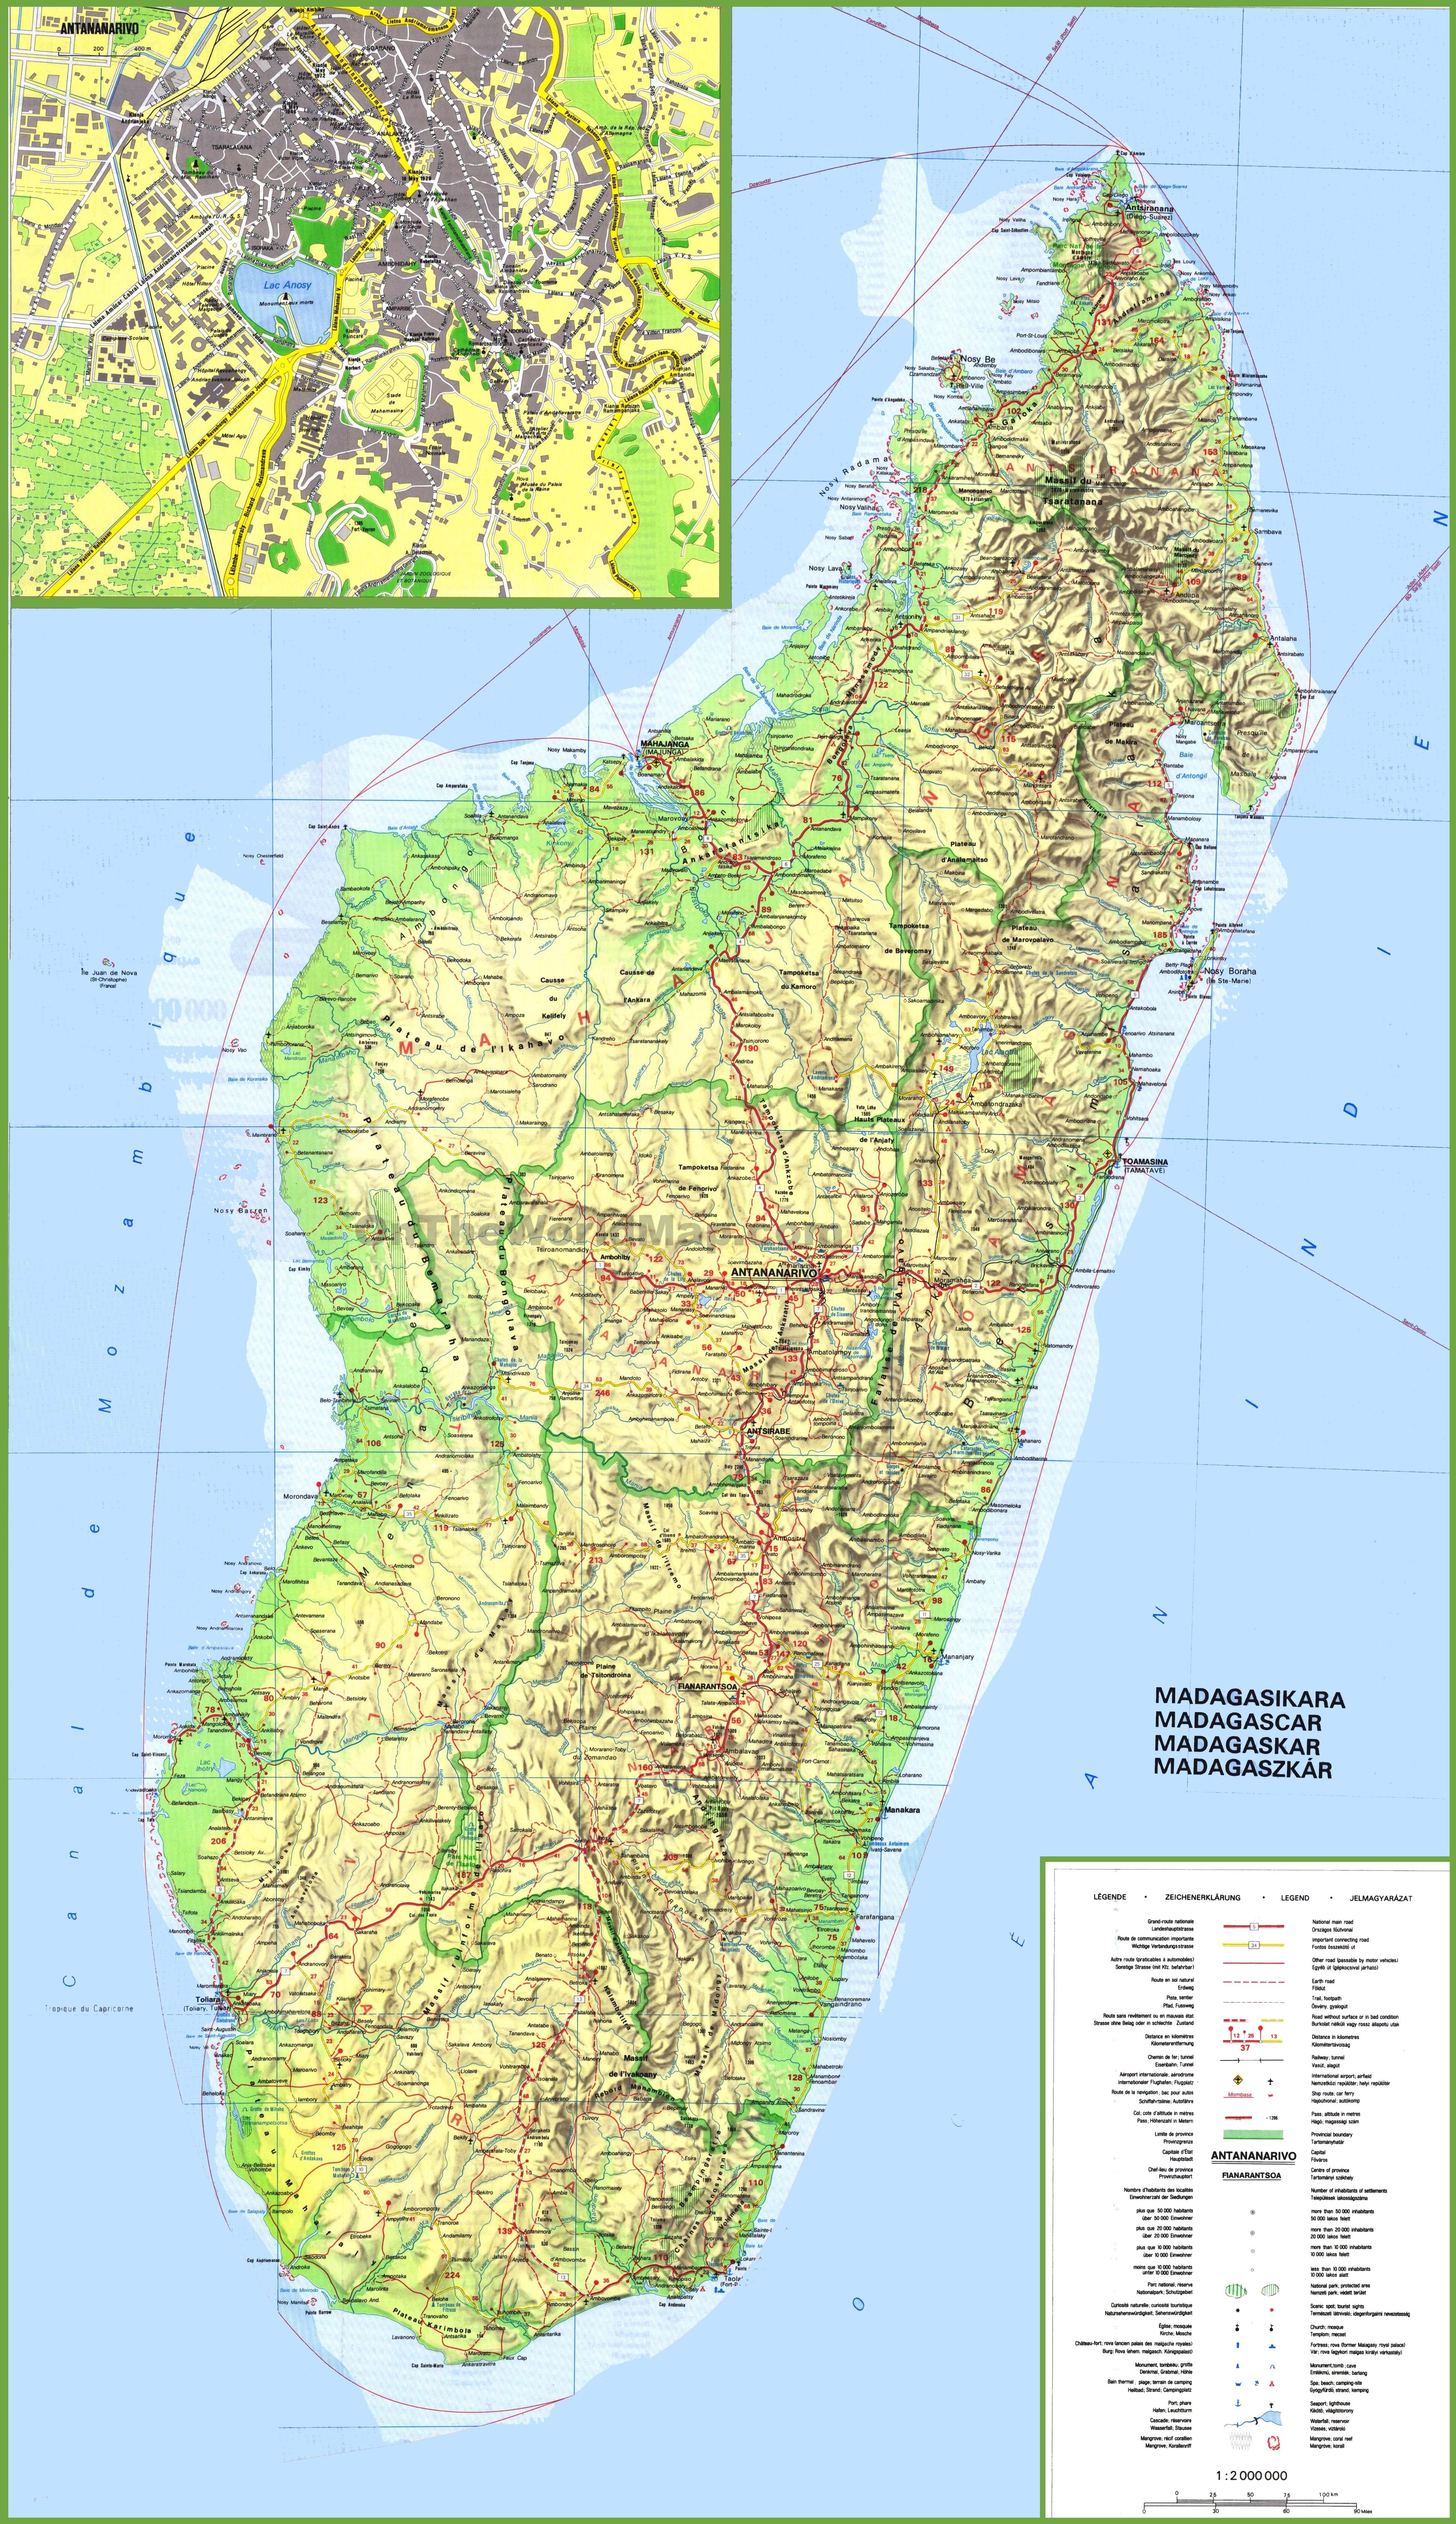 Madagascar Maps Maps of Madagascar